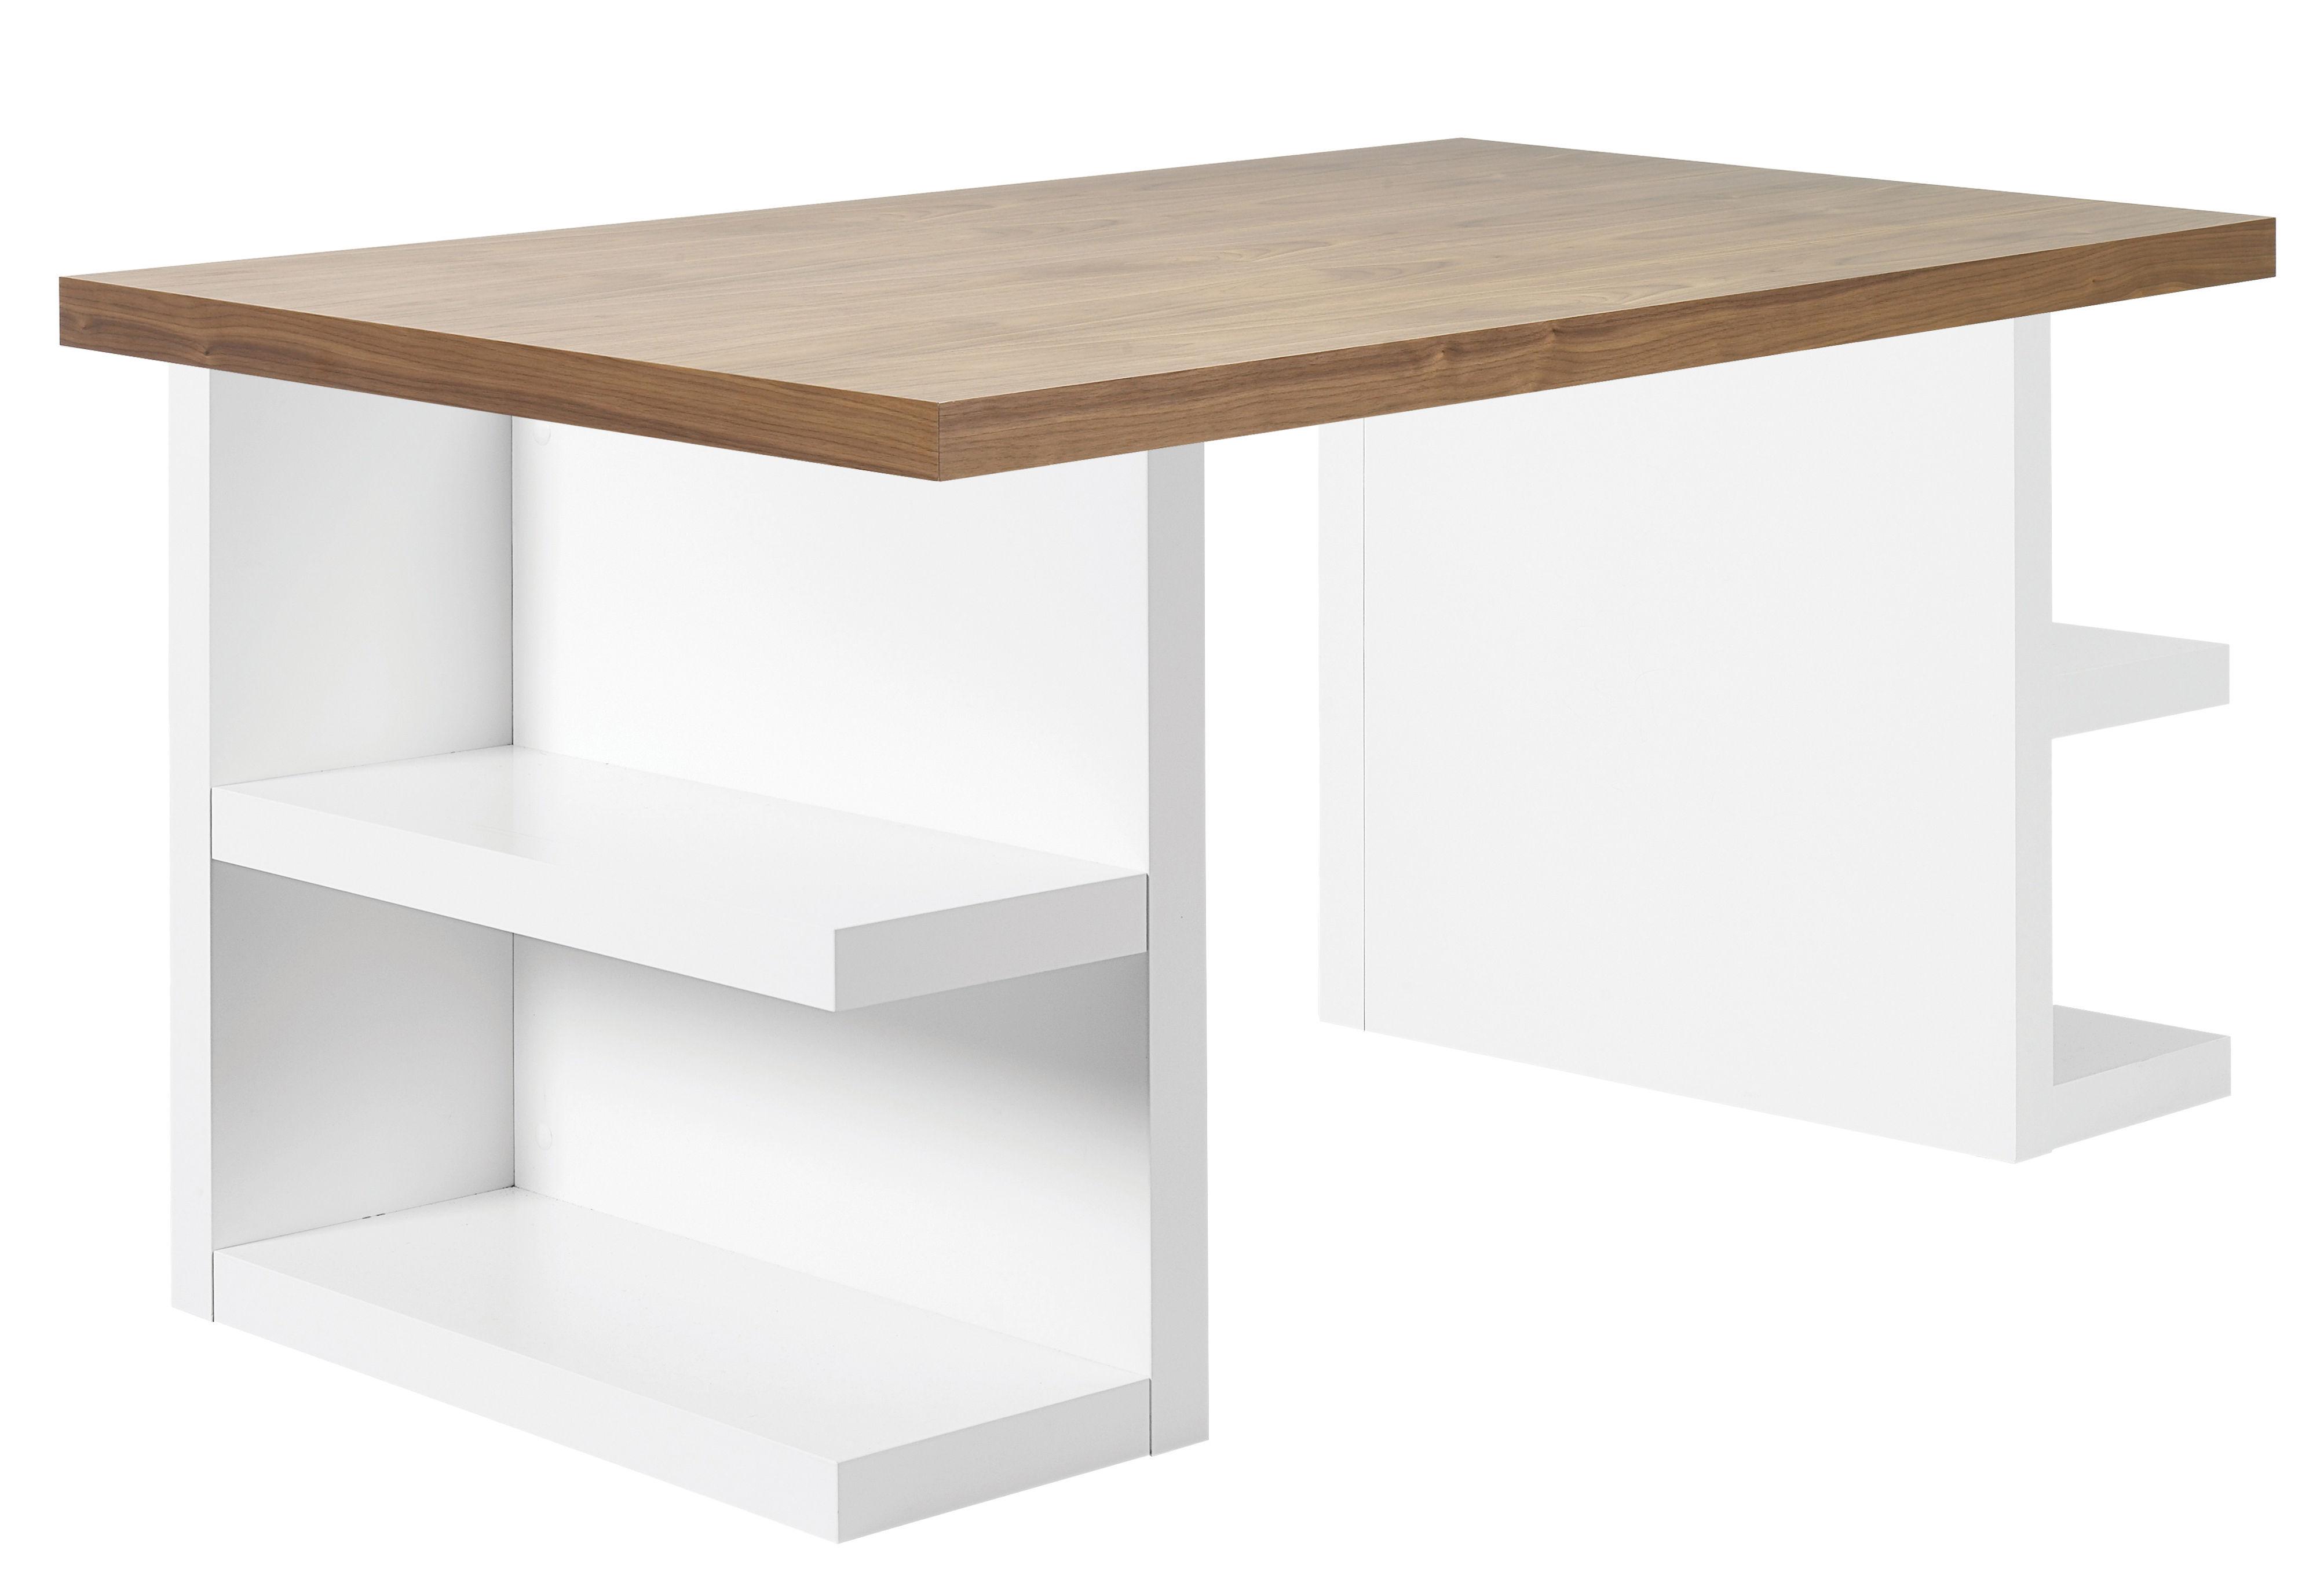 Mobilier - Bureaux - Bureau Buttress / Etagères intégrées - L 180 cm - POP UP HOME - Noyer / Piétement blanc - Aggloméré peint, Aggloméré plaqué noyer